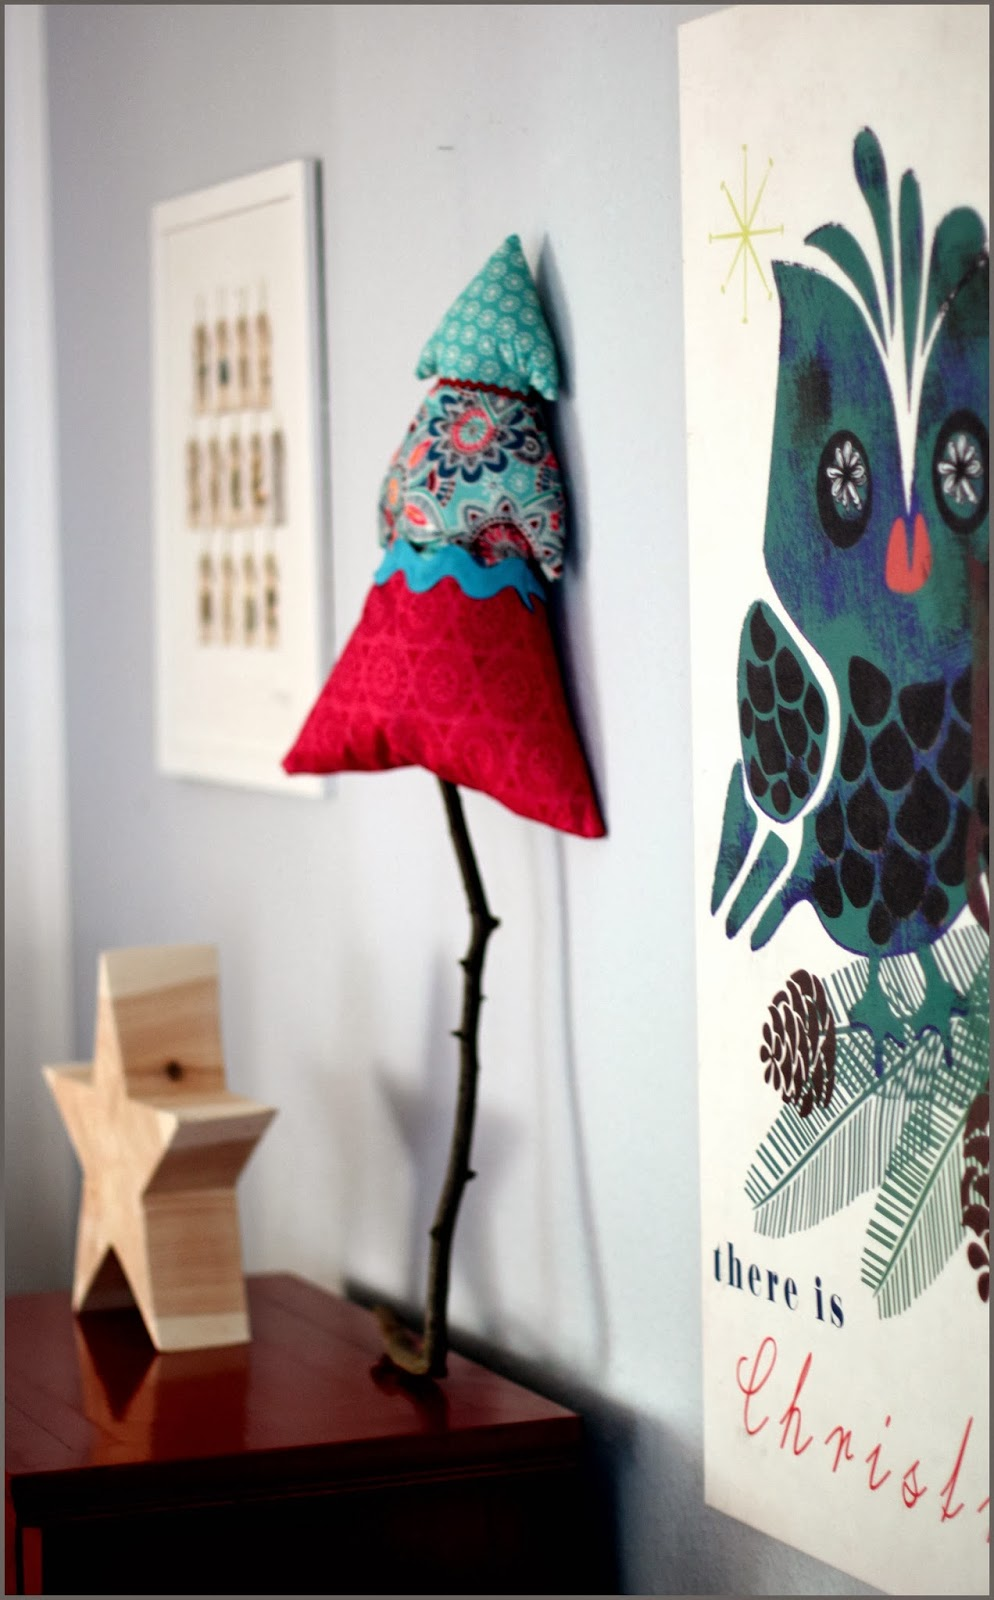 paecy i pato blog weihnachtsdeko tannenbaum aus stoff. Black Bedroom Furniture Sets. Home Design Ideas